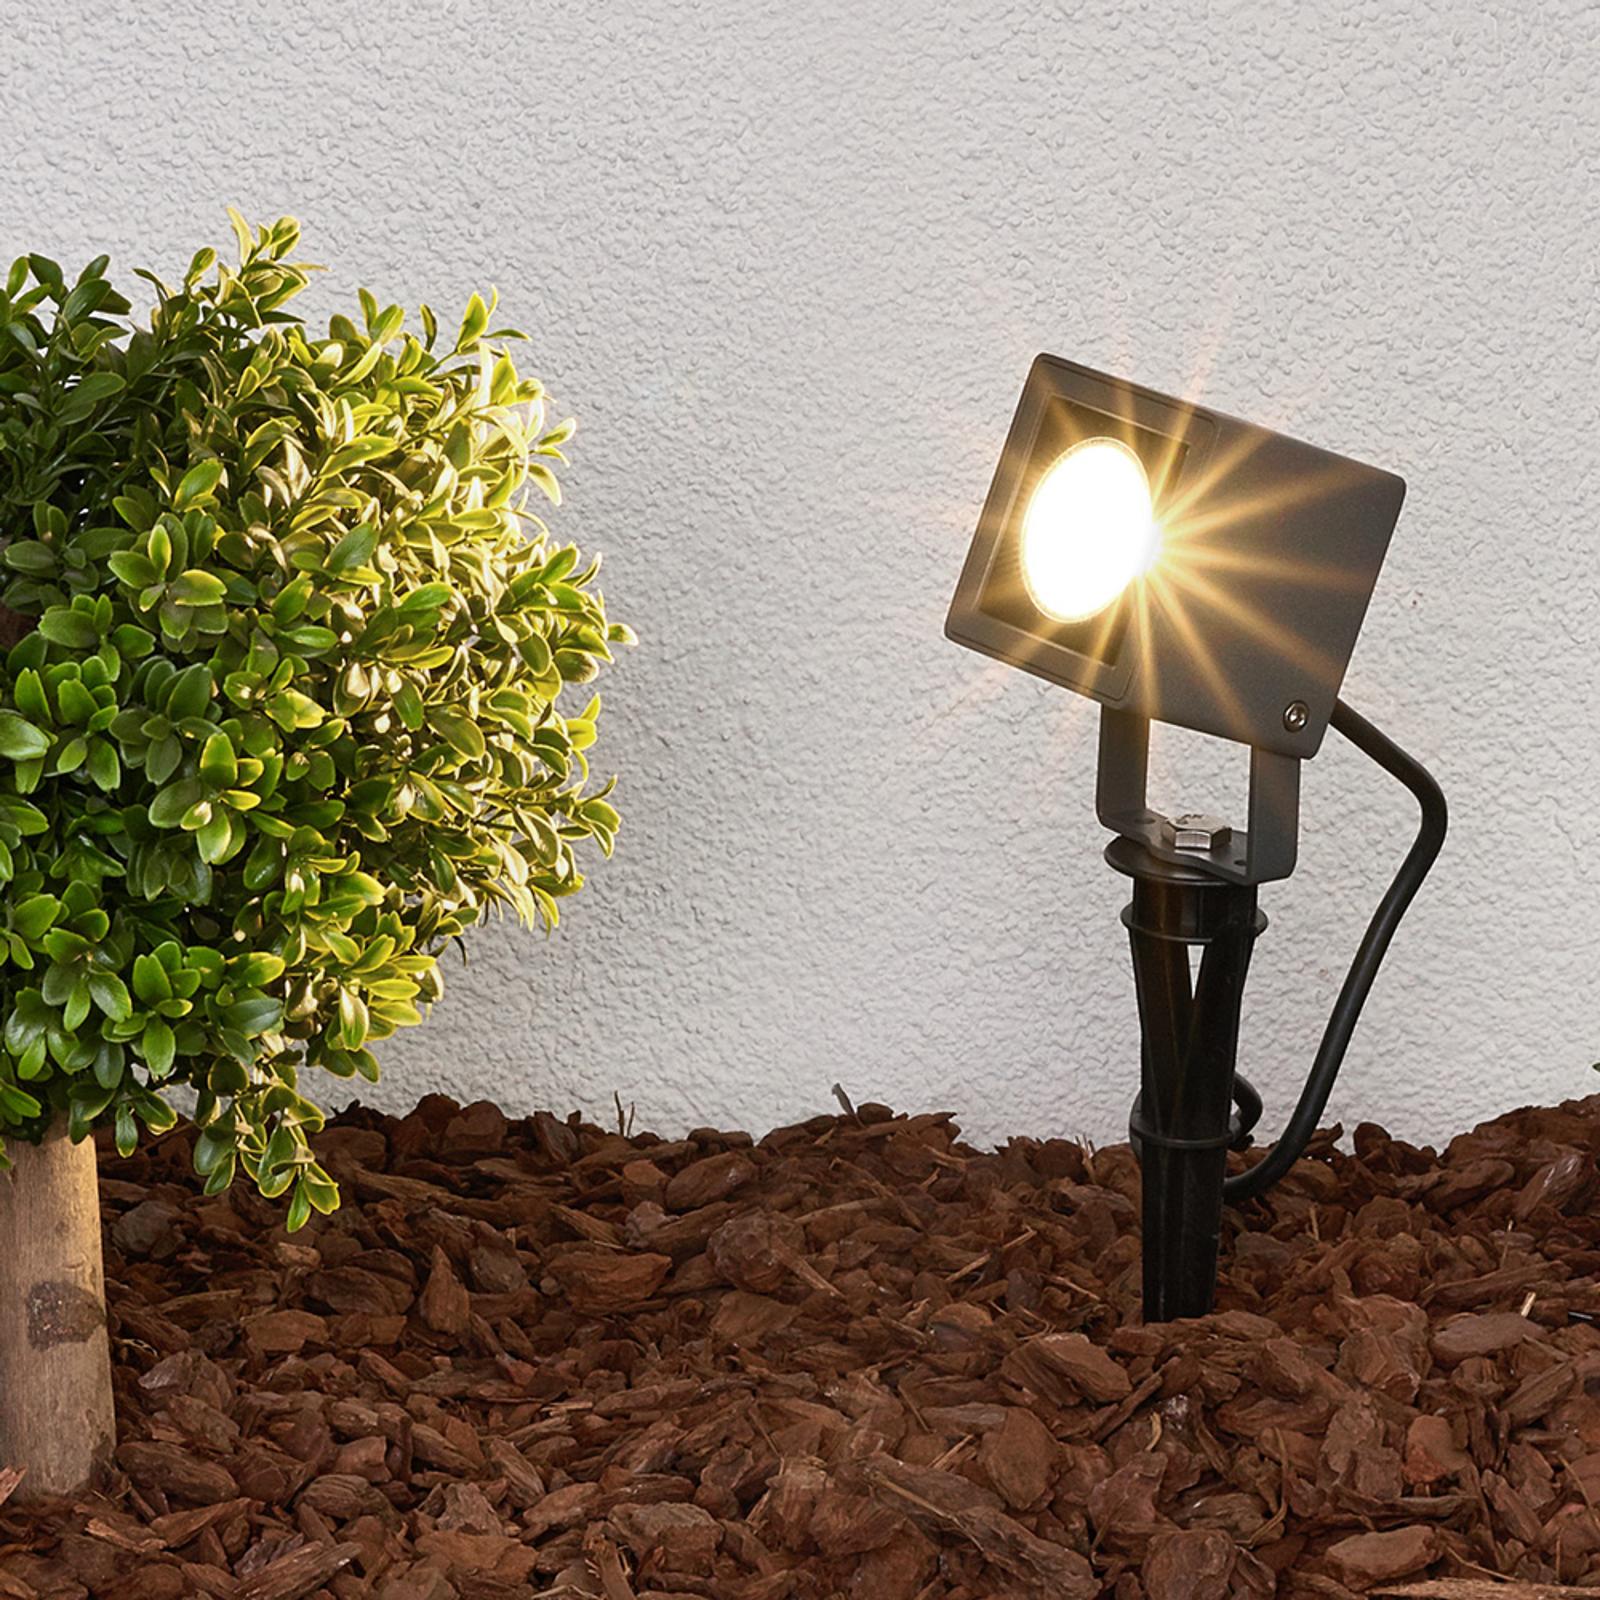 Lampa JIADA z grotem ziemnym i LED